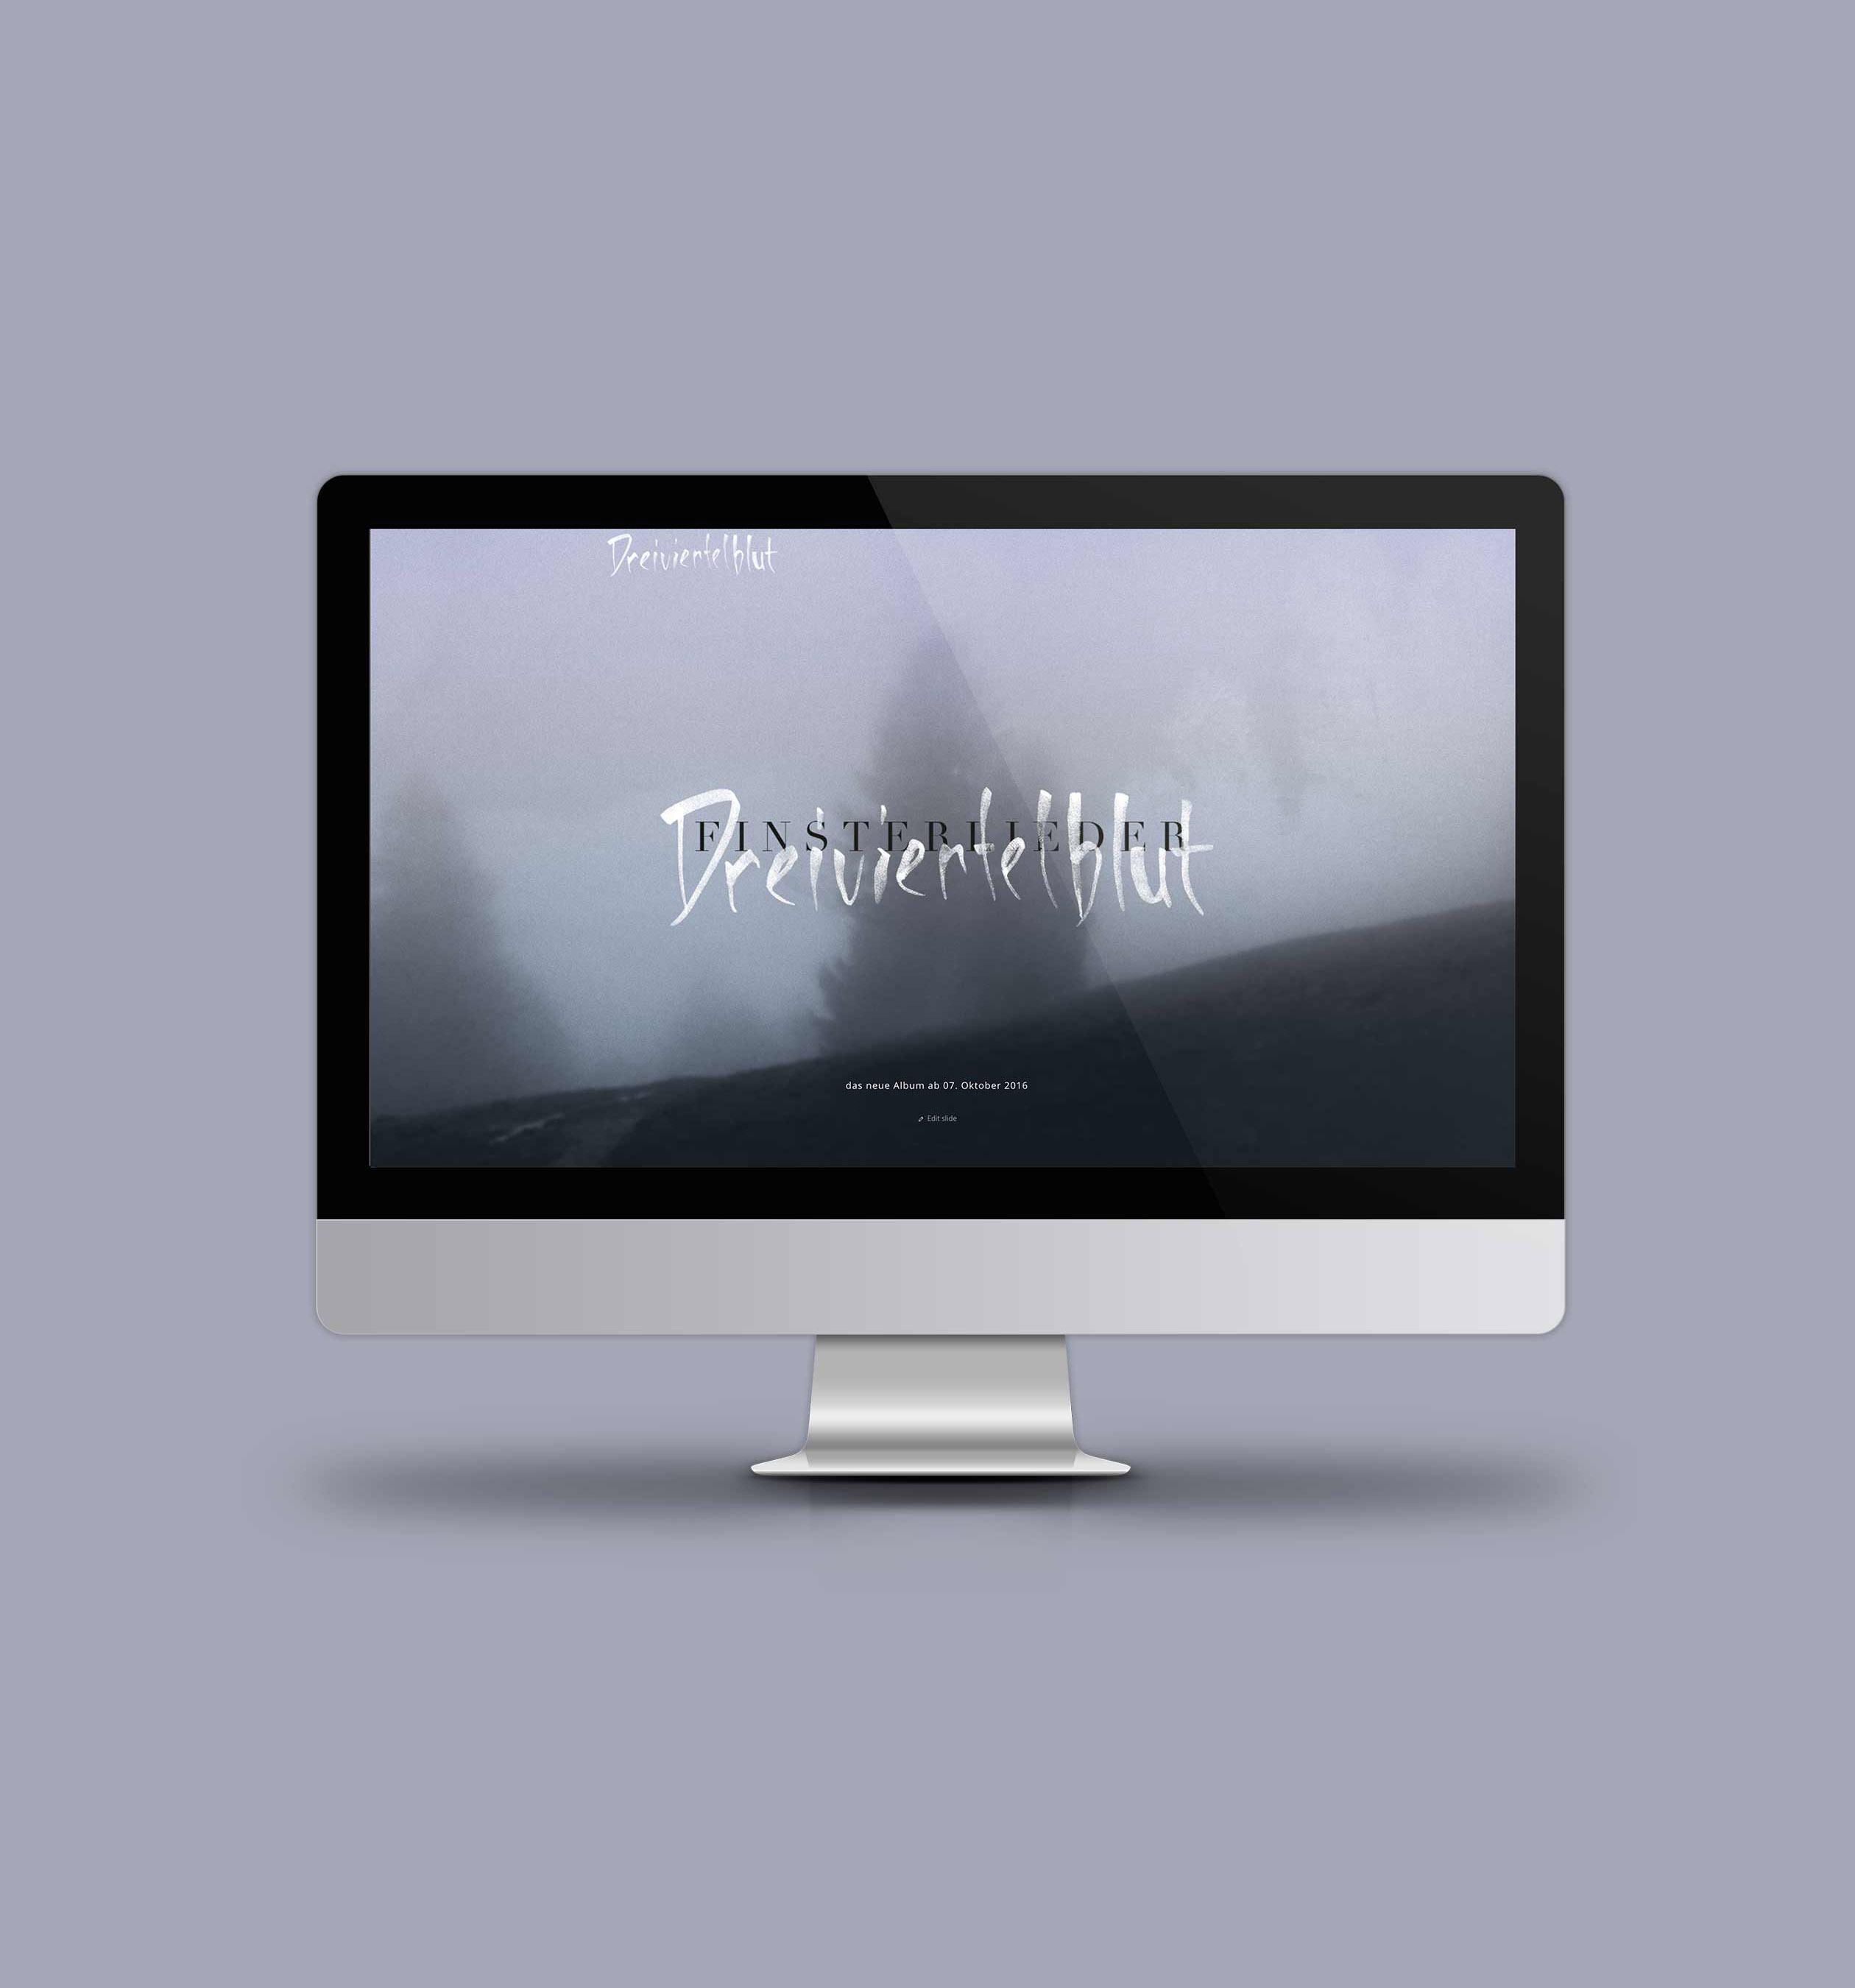 dreiviertelblut-portfolio-featured-01